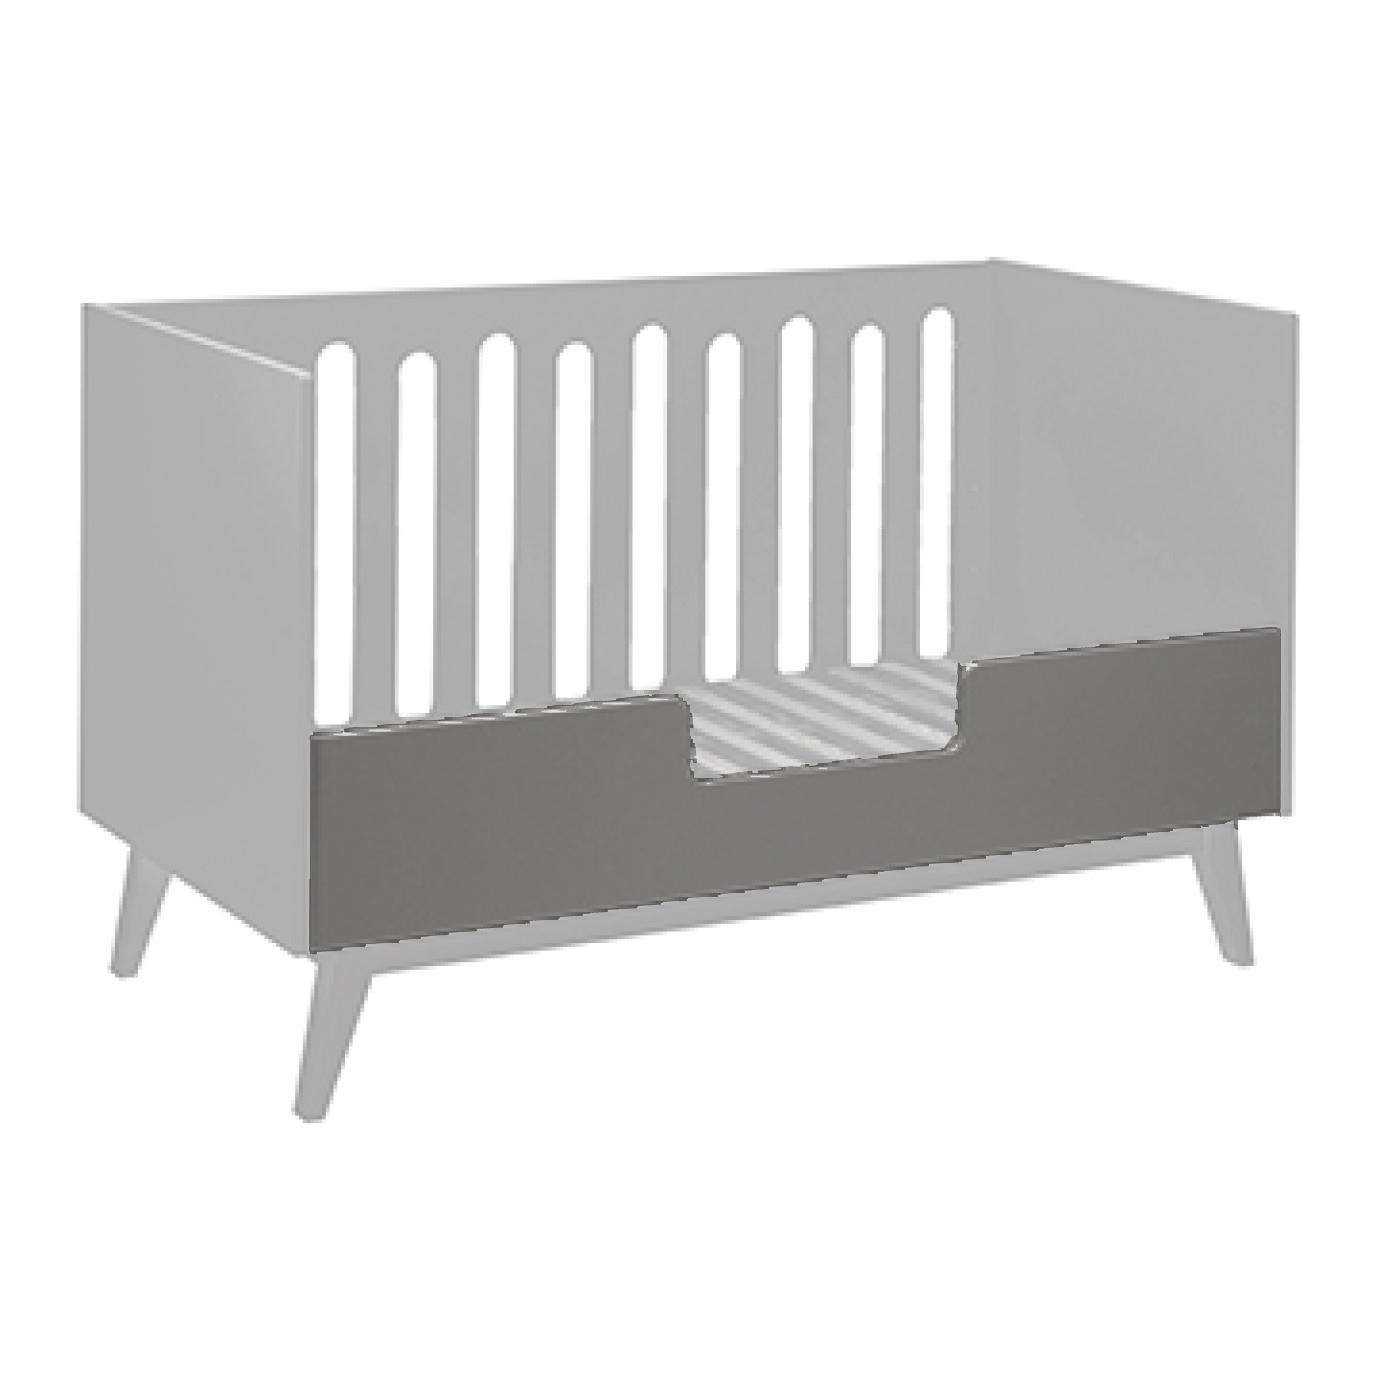 Full Size of Quatrendy Rausfallschutz Fr Kinderbett 70x140 Cm Bett Schwarz Weiß 180x200 Schwarze Küche Schwarzes Wohnzimmer Babybett Schwarz